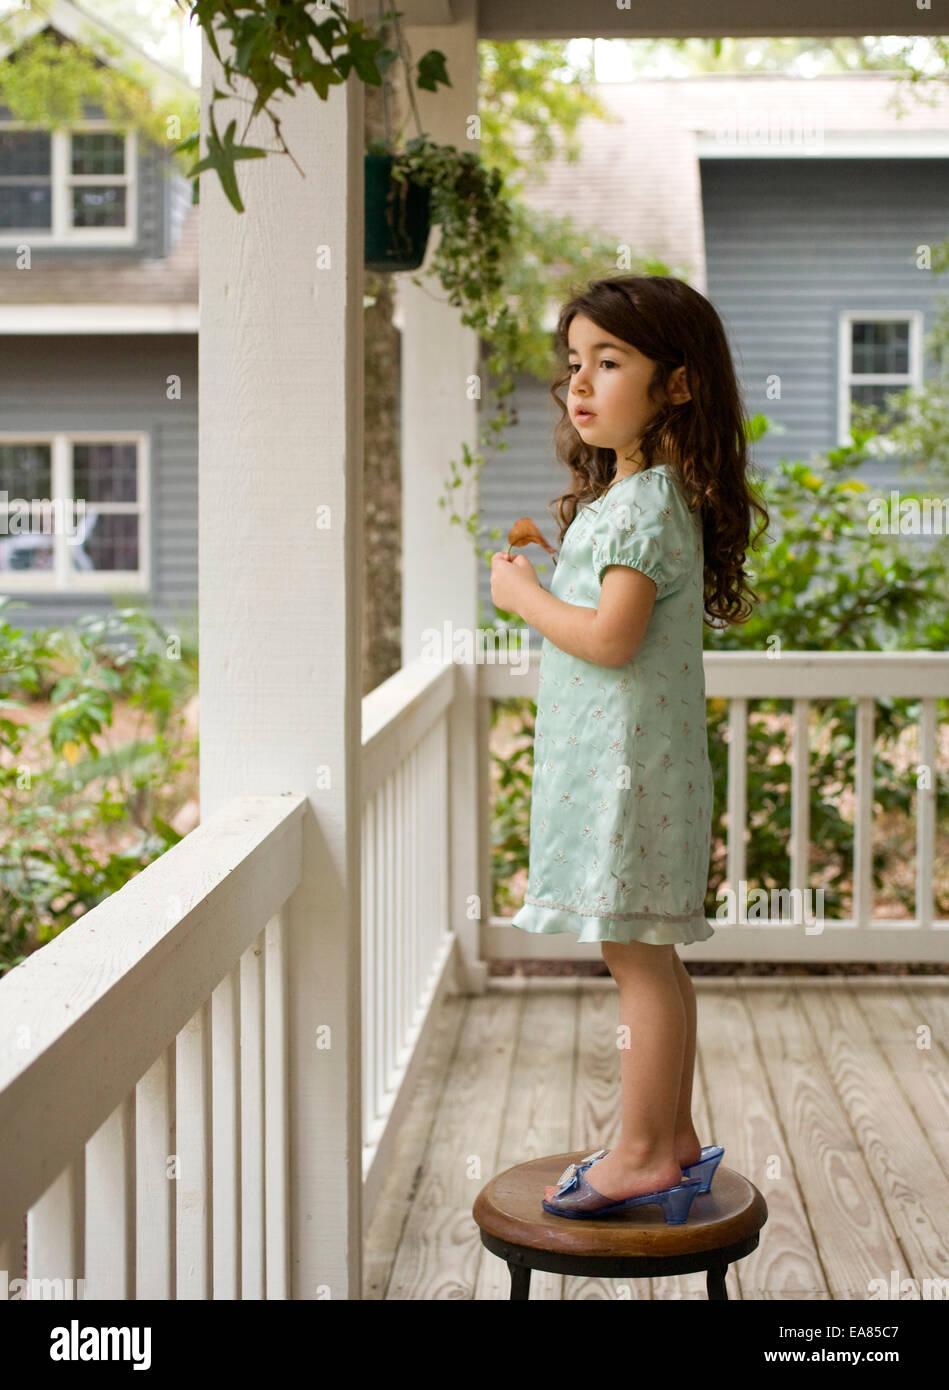 Joven en juego los zapatos de pie en el porche de heces Imagen De Stock